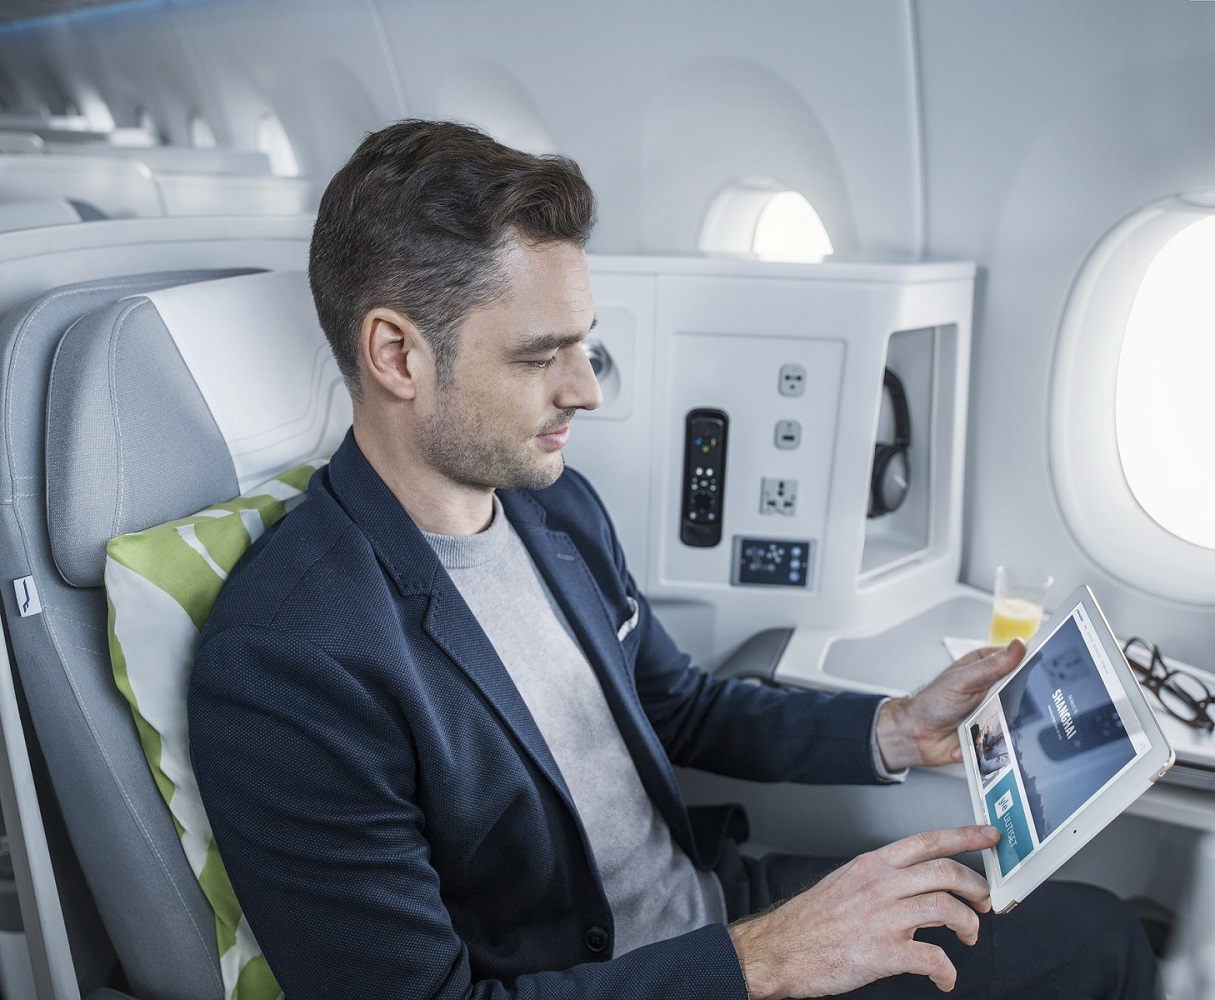 Finnair A350 business class cabin wifi portal 1 92